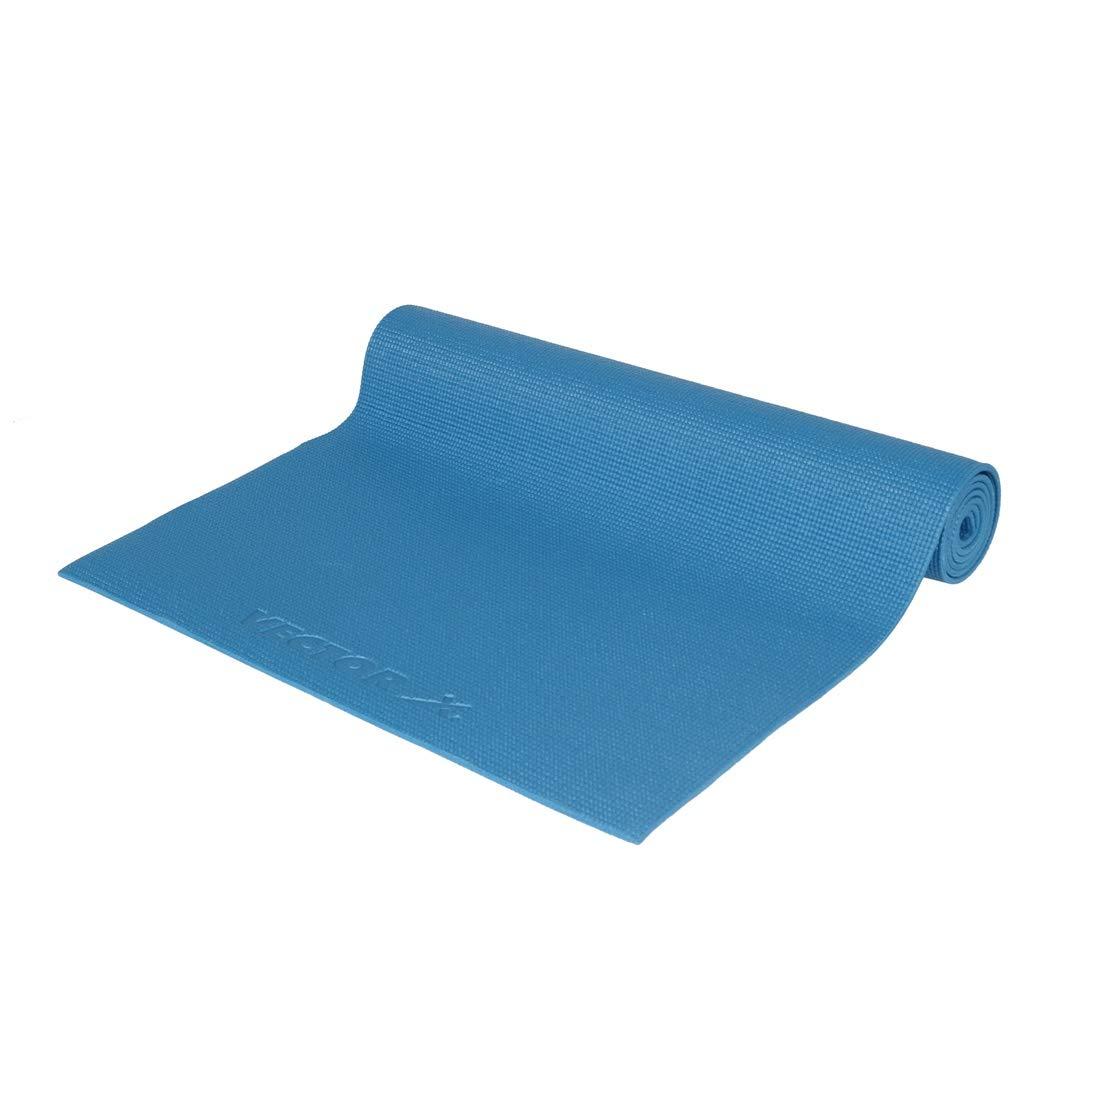 Vector X 4mm Yoga Mat (Navy Blue)